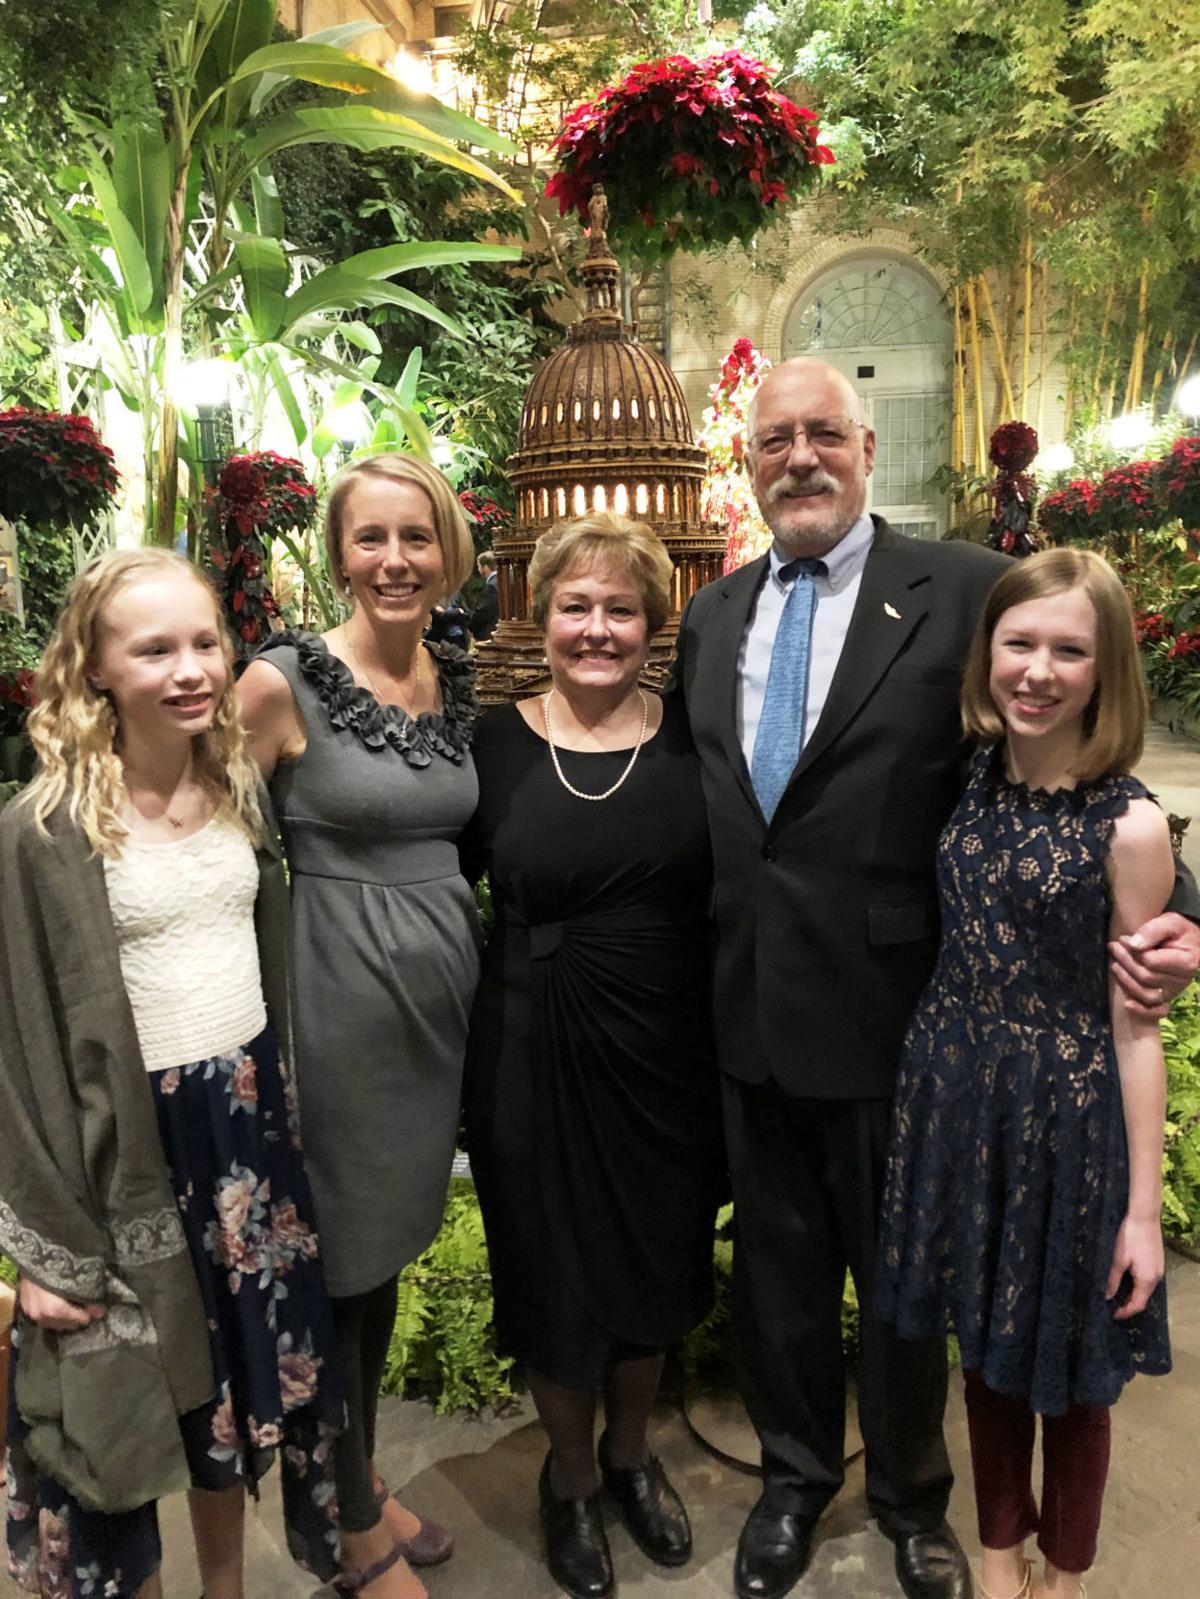 Tucker family at party.jpg